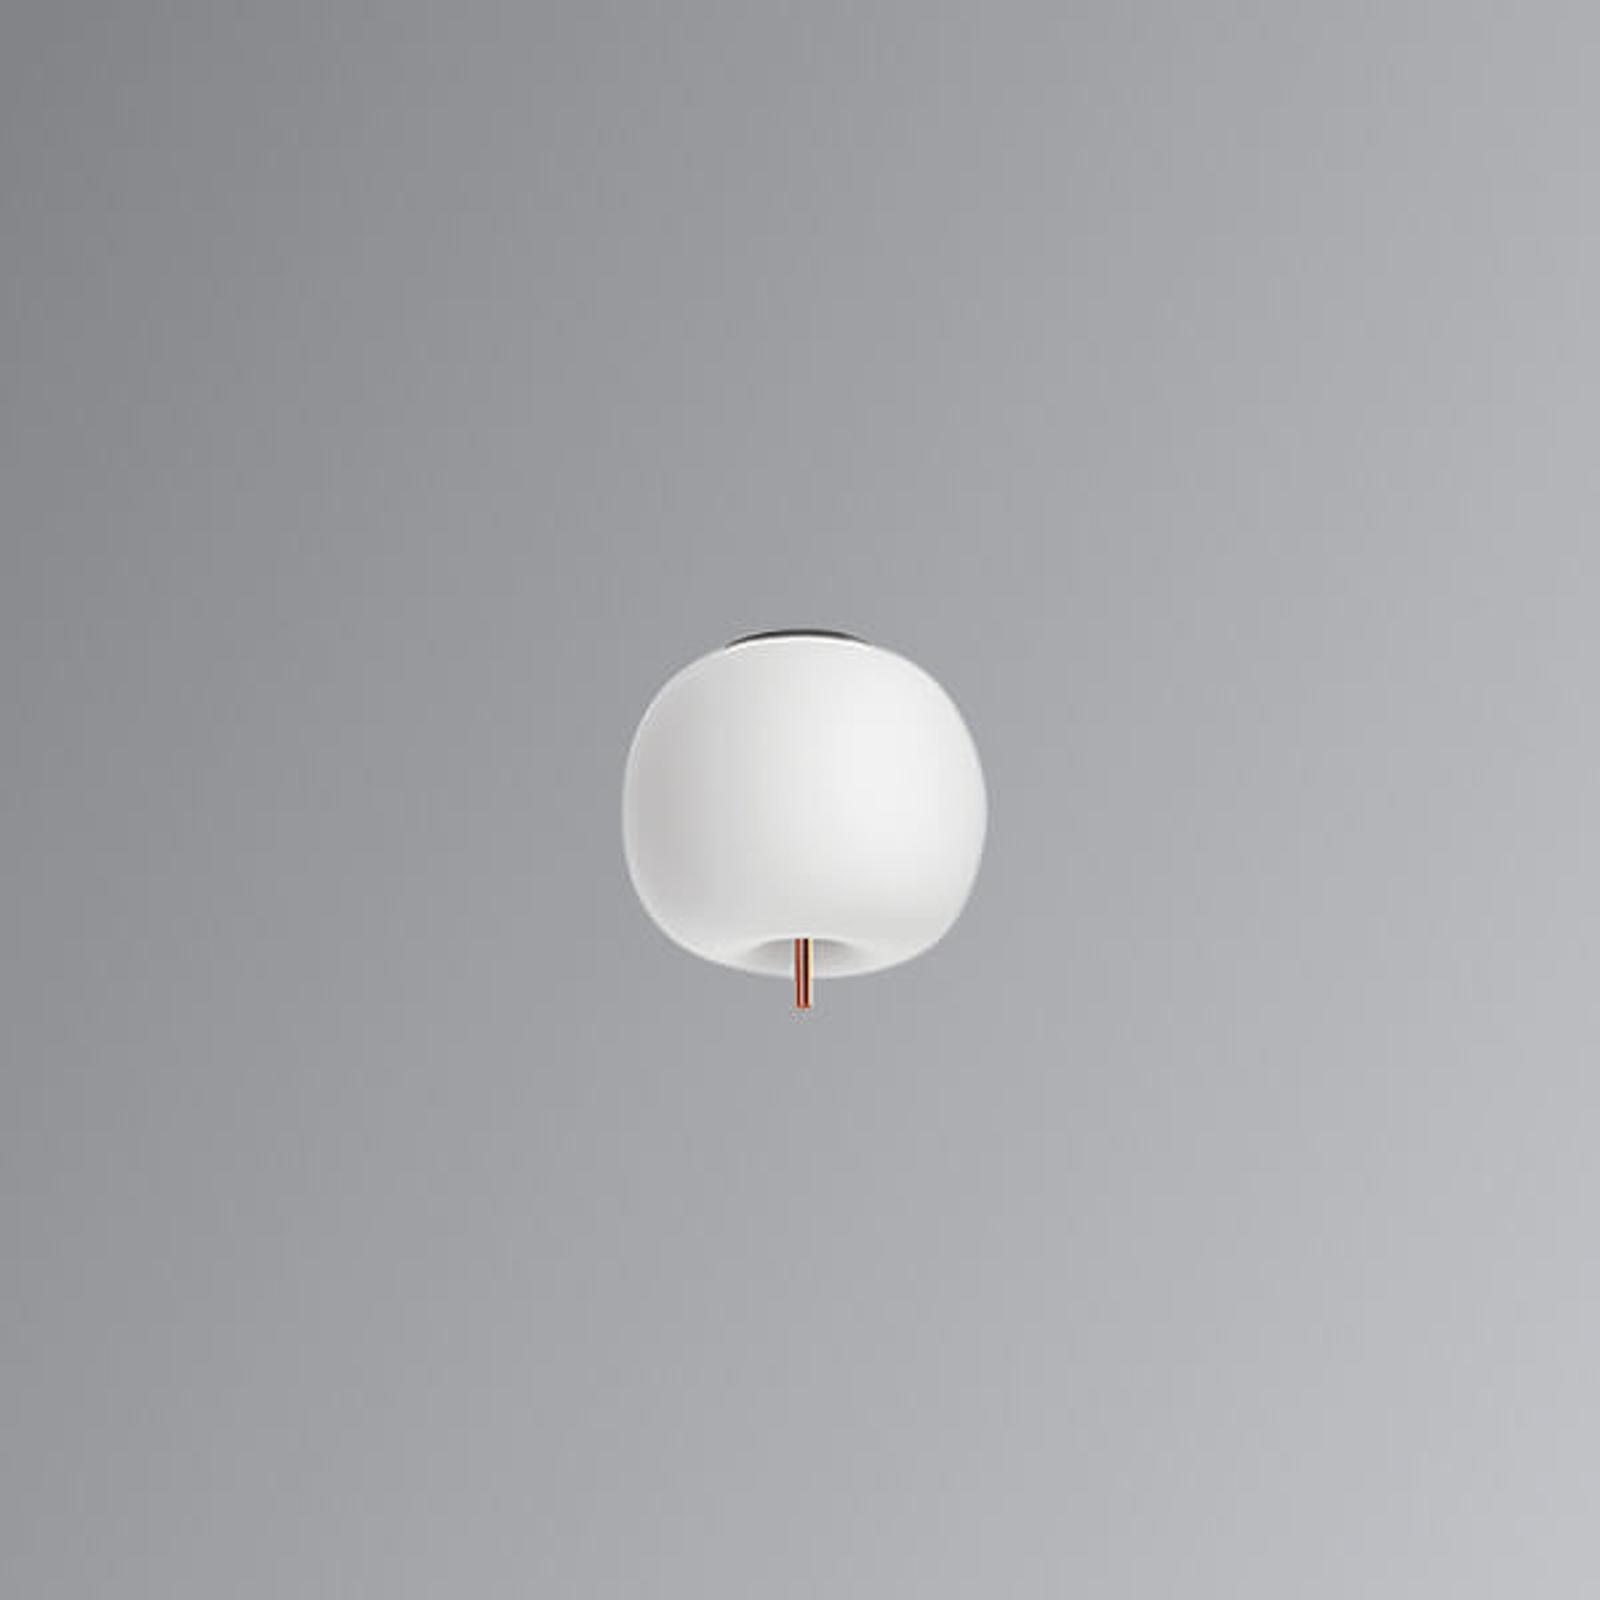 Lampa sufitowa LED Kushi, miedziany pręt 16